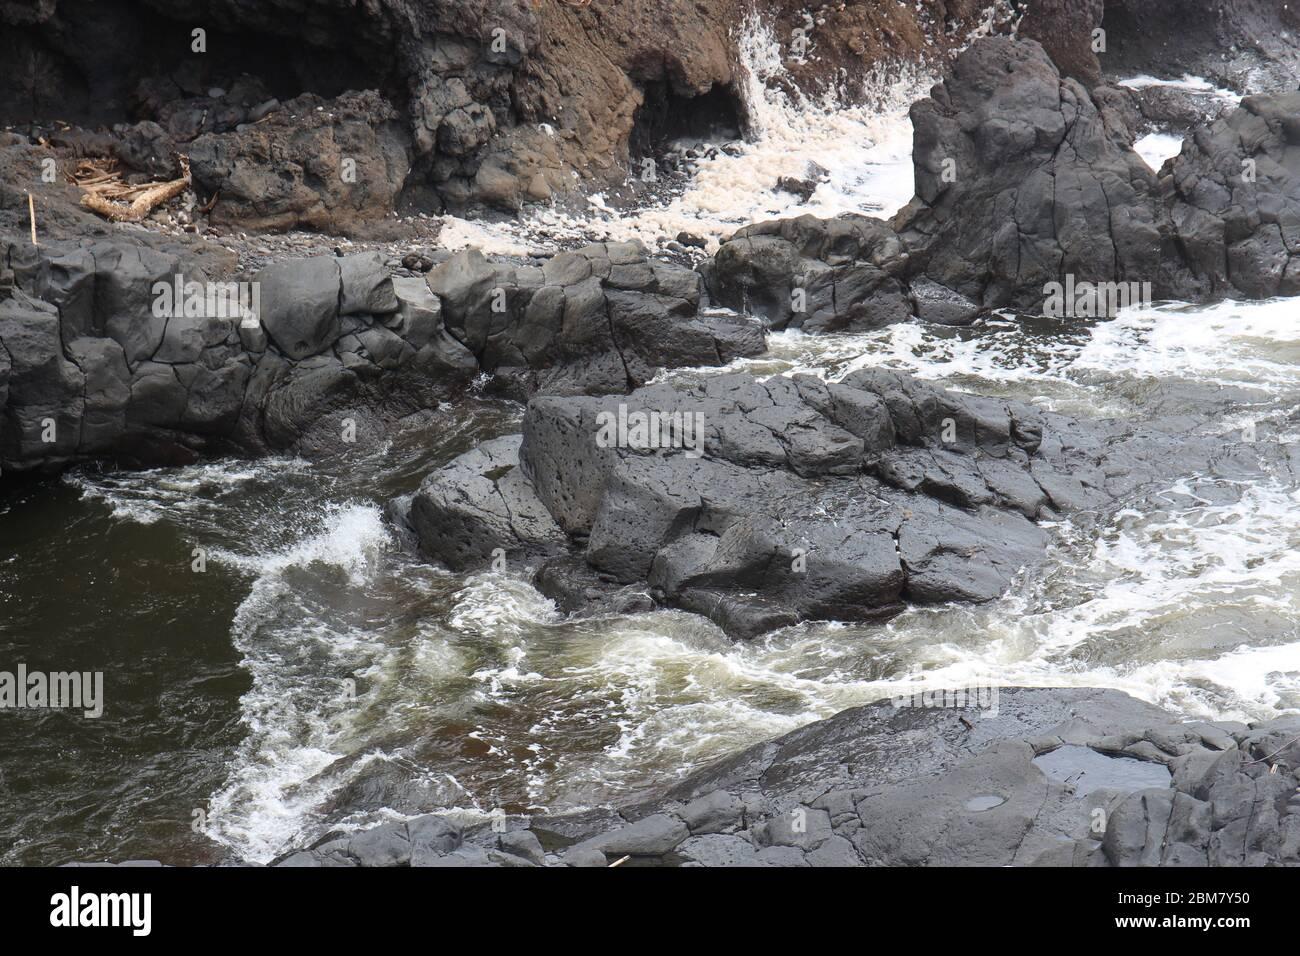 Arroyo Palikea que corre a través de rocas volcánicas en el Oheo Gulch en Hana, Maui, Hawaii, Estados Unidos Foto de stock